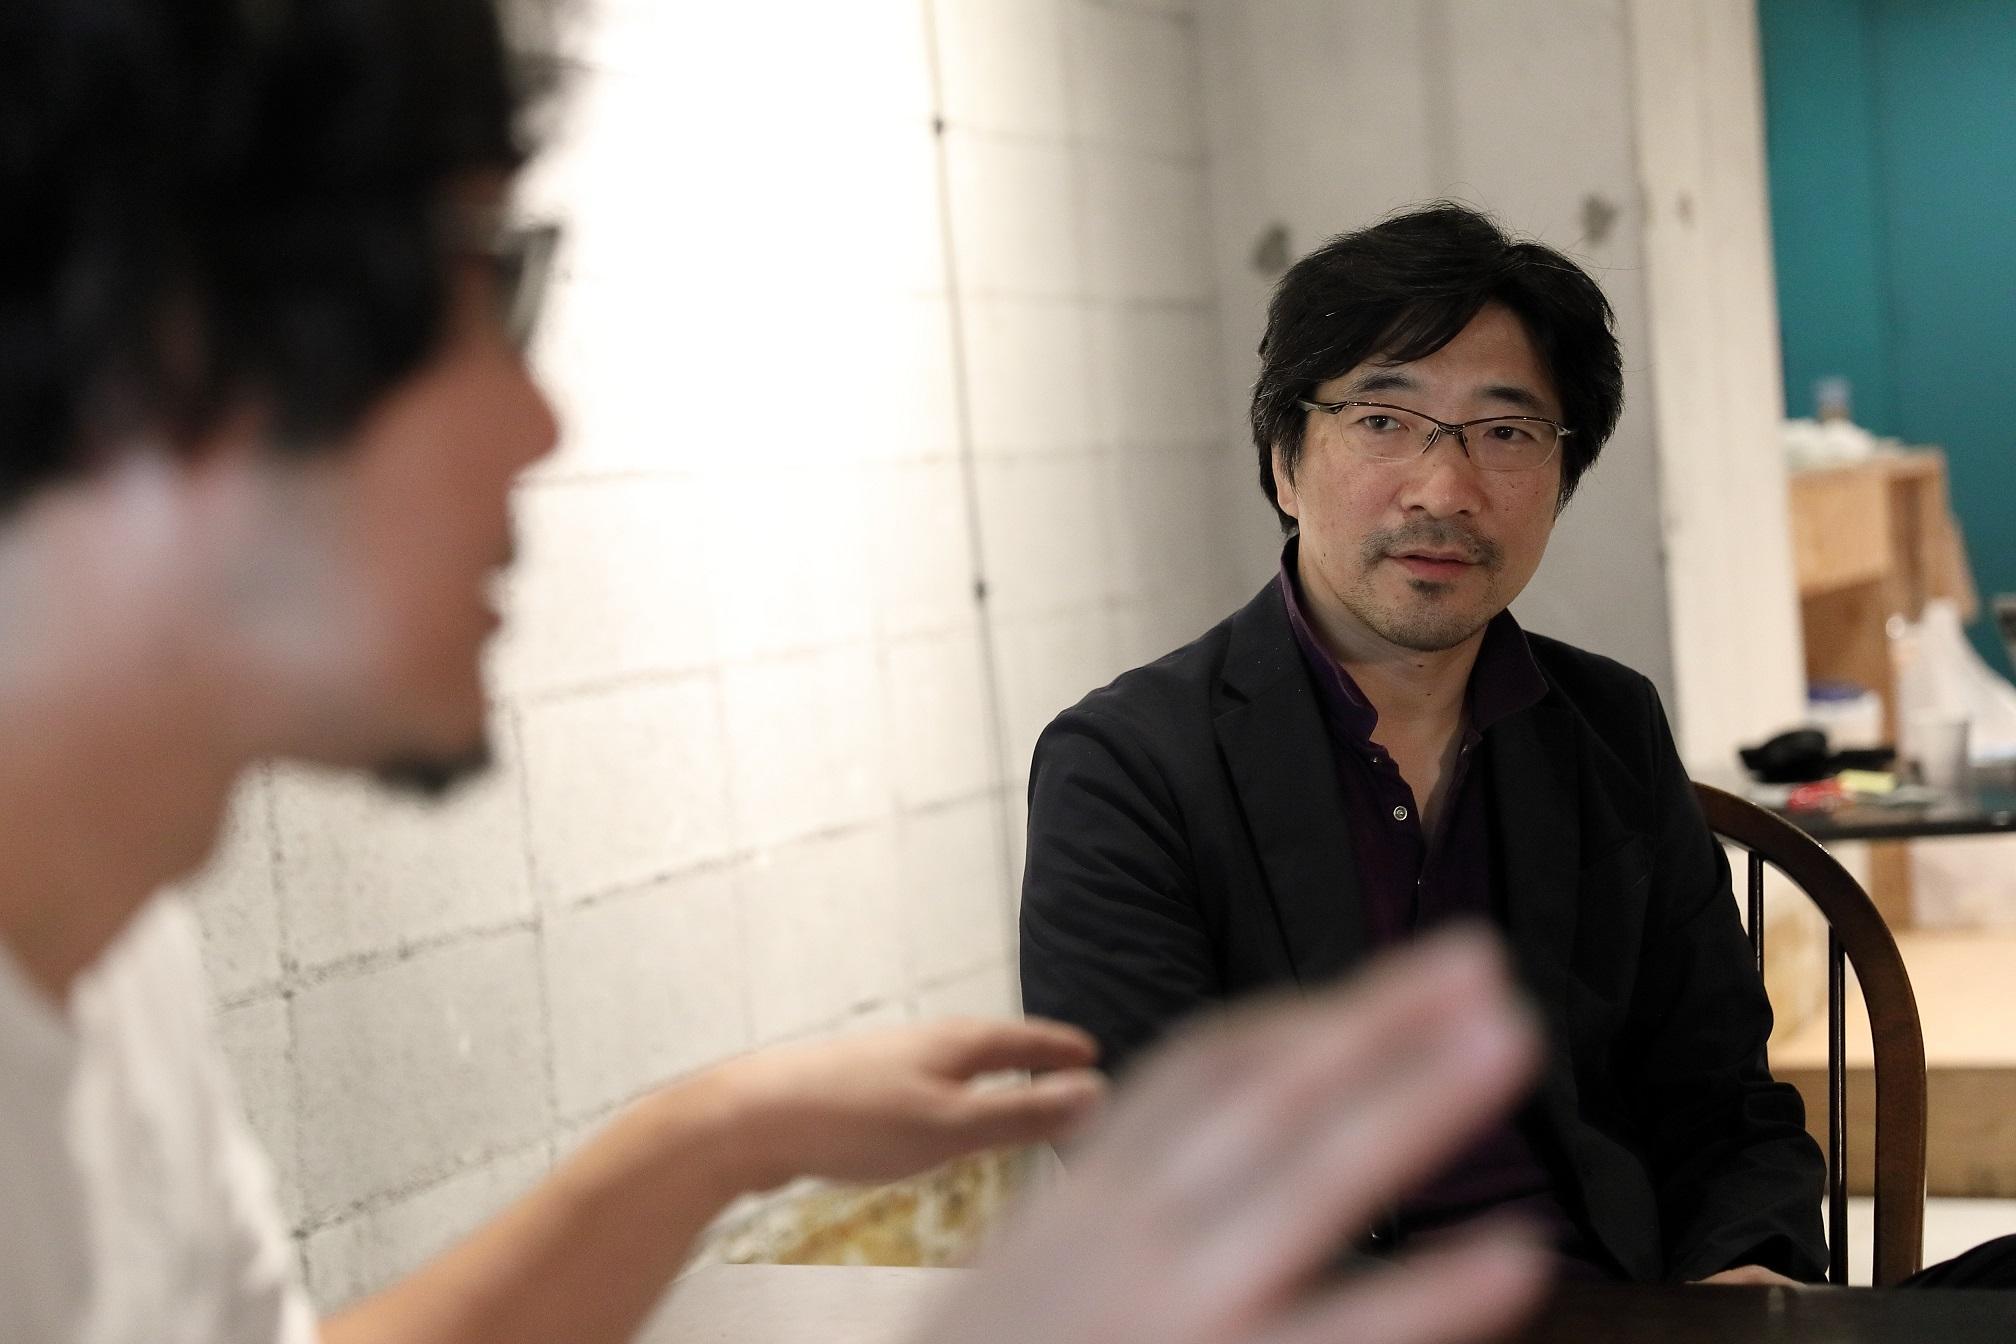 深田はGCCでの経験をもとに語ります_Masa Fukata talking based on his experience in GC Catapult.JPG